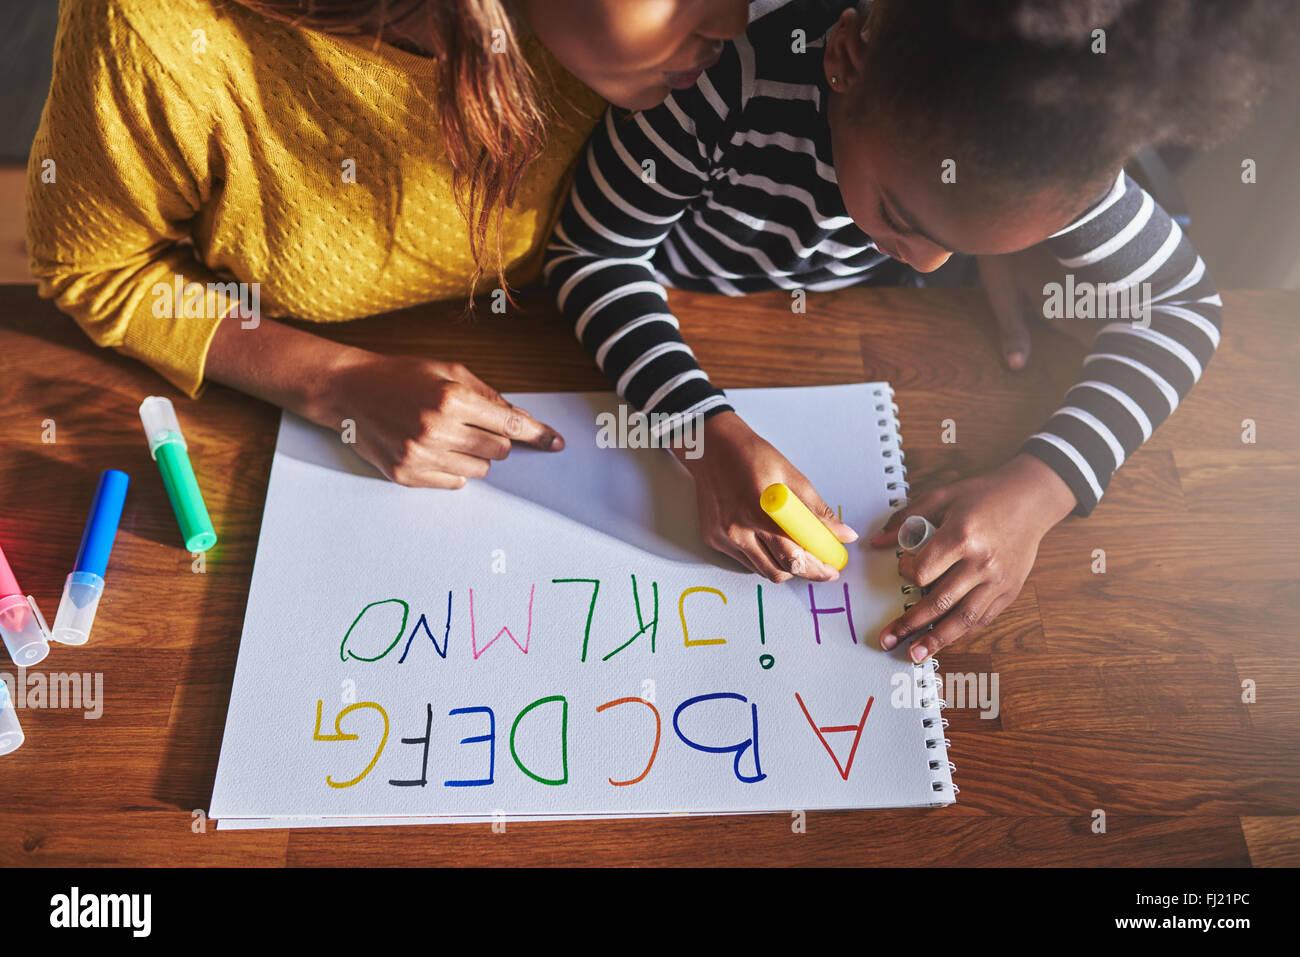 Vue de dessus de petite fille l'apprentissage de l'alphabet à l'aide de crayons de couleur Photo Stock